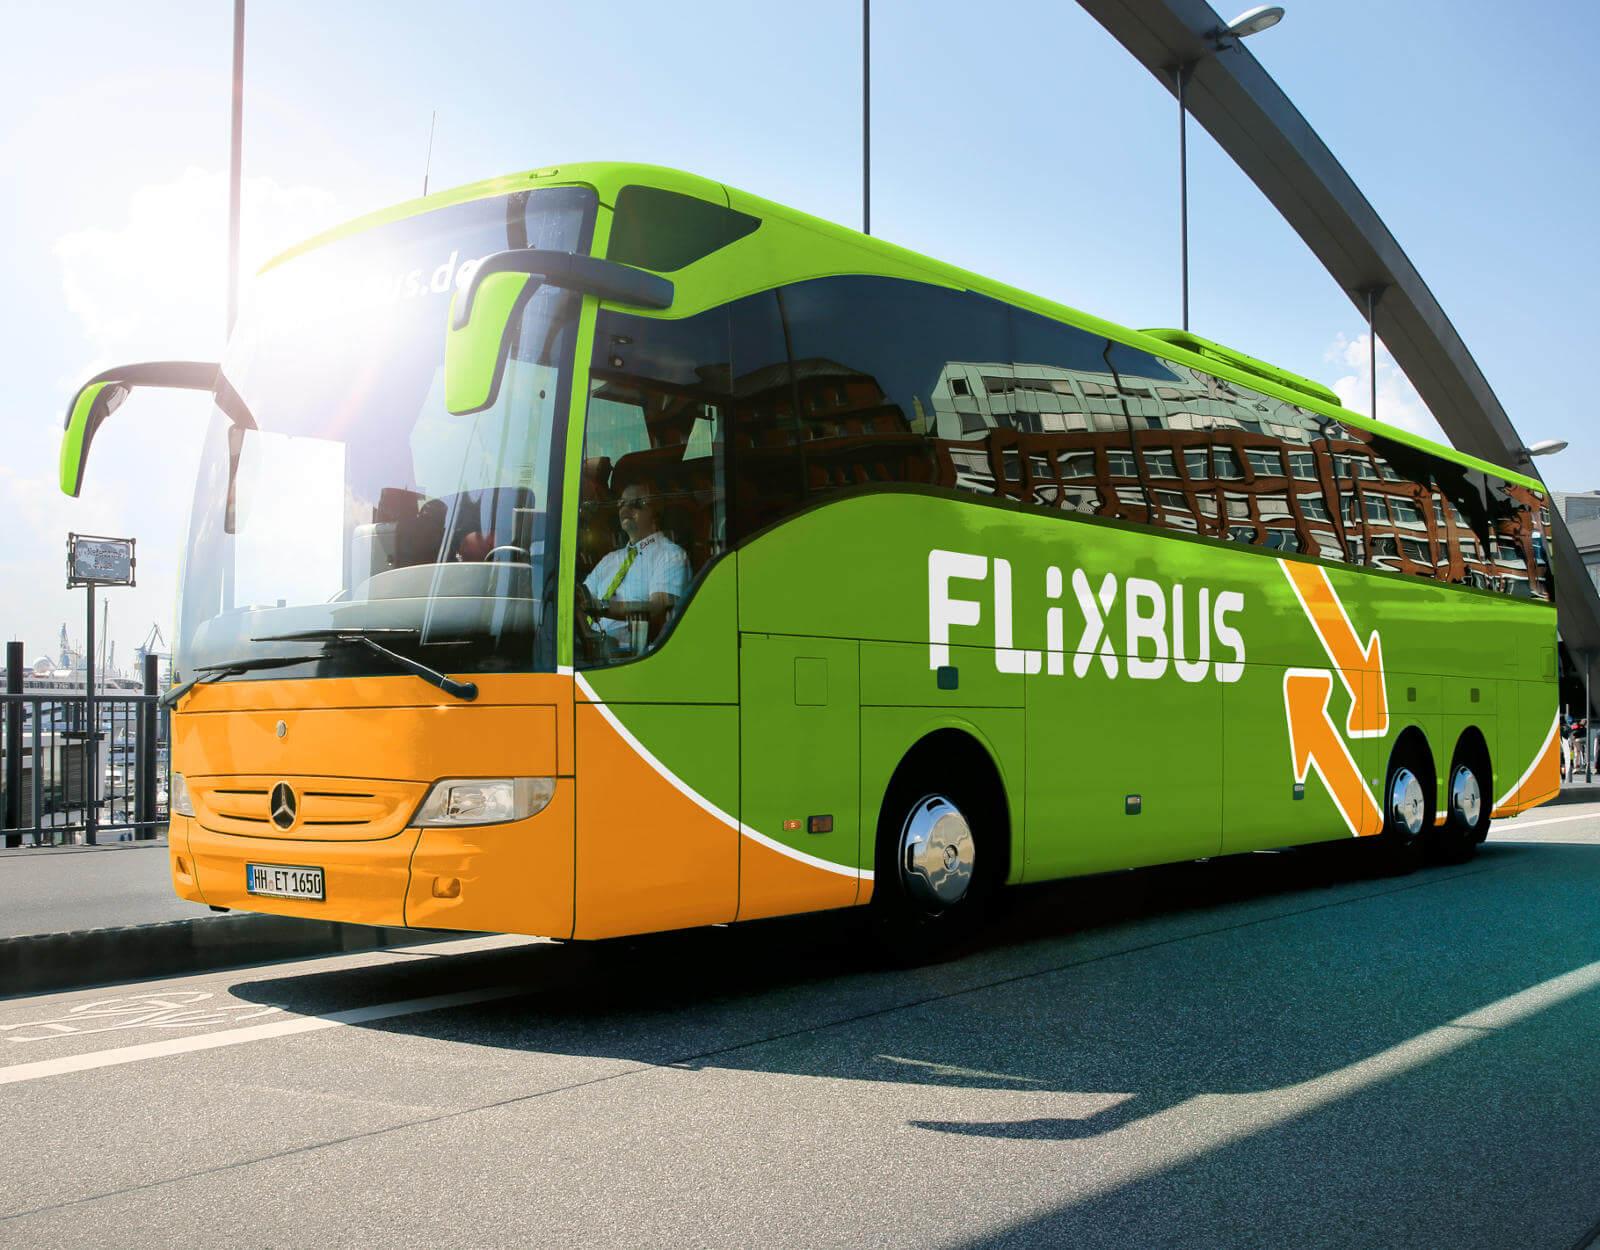 Немецкий автобусный перевозчик придет в Россию, Туристам Коломны, Чехия Франция турфирмы США Россия Италия Германия Брюссель Бельгия автобус